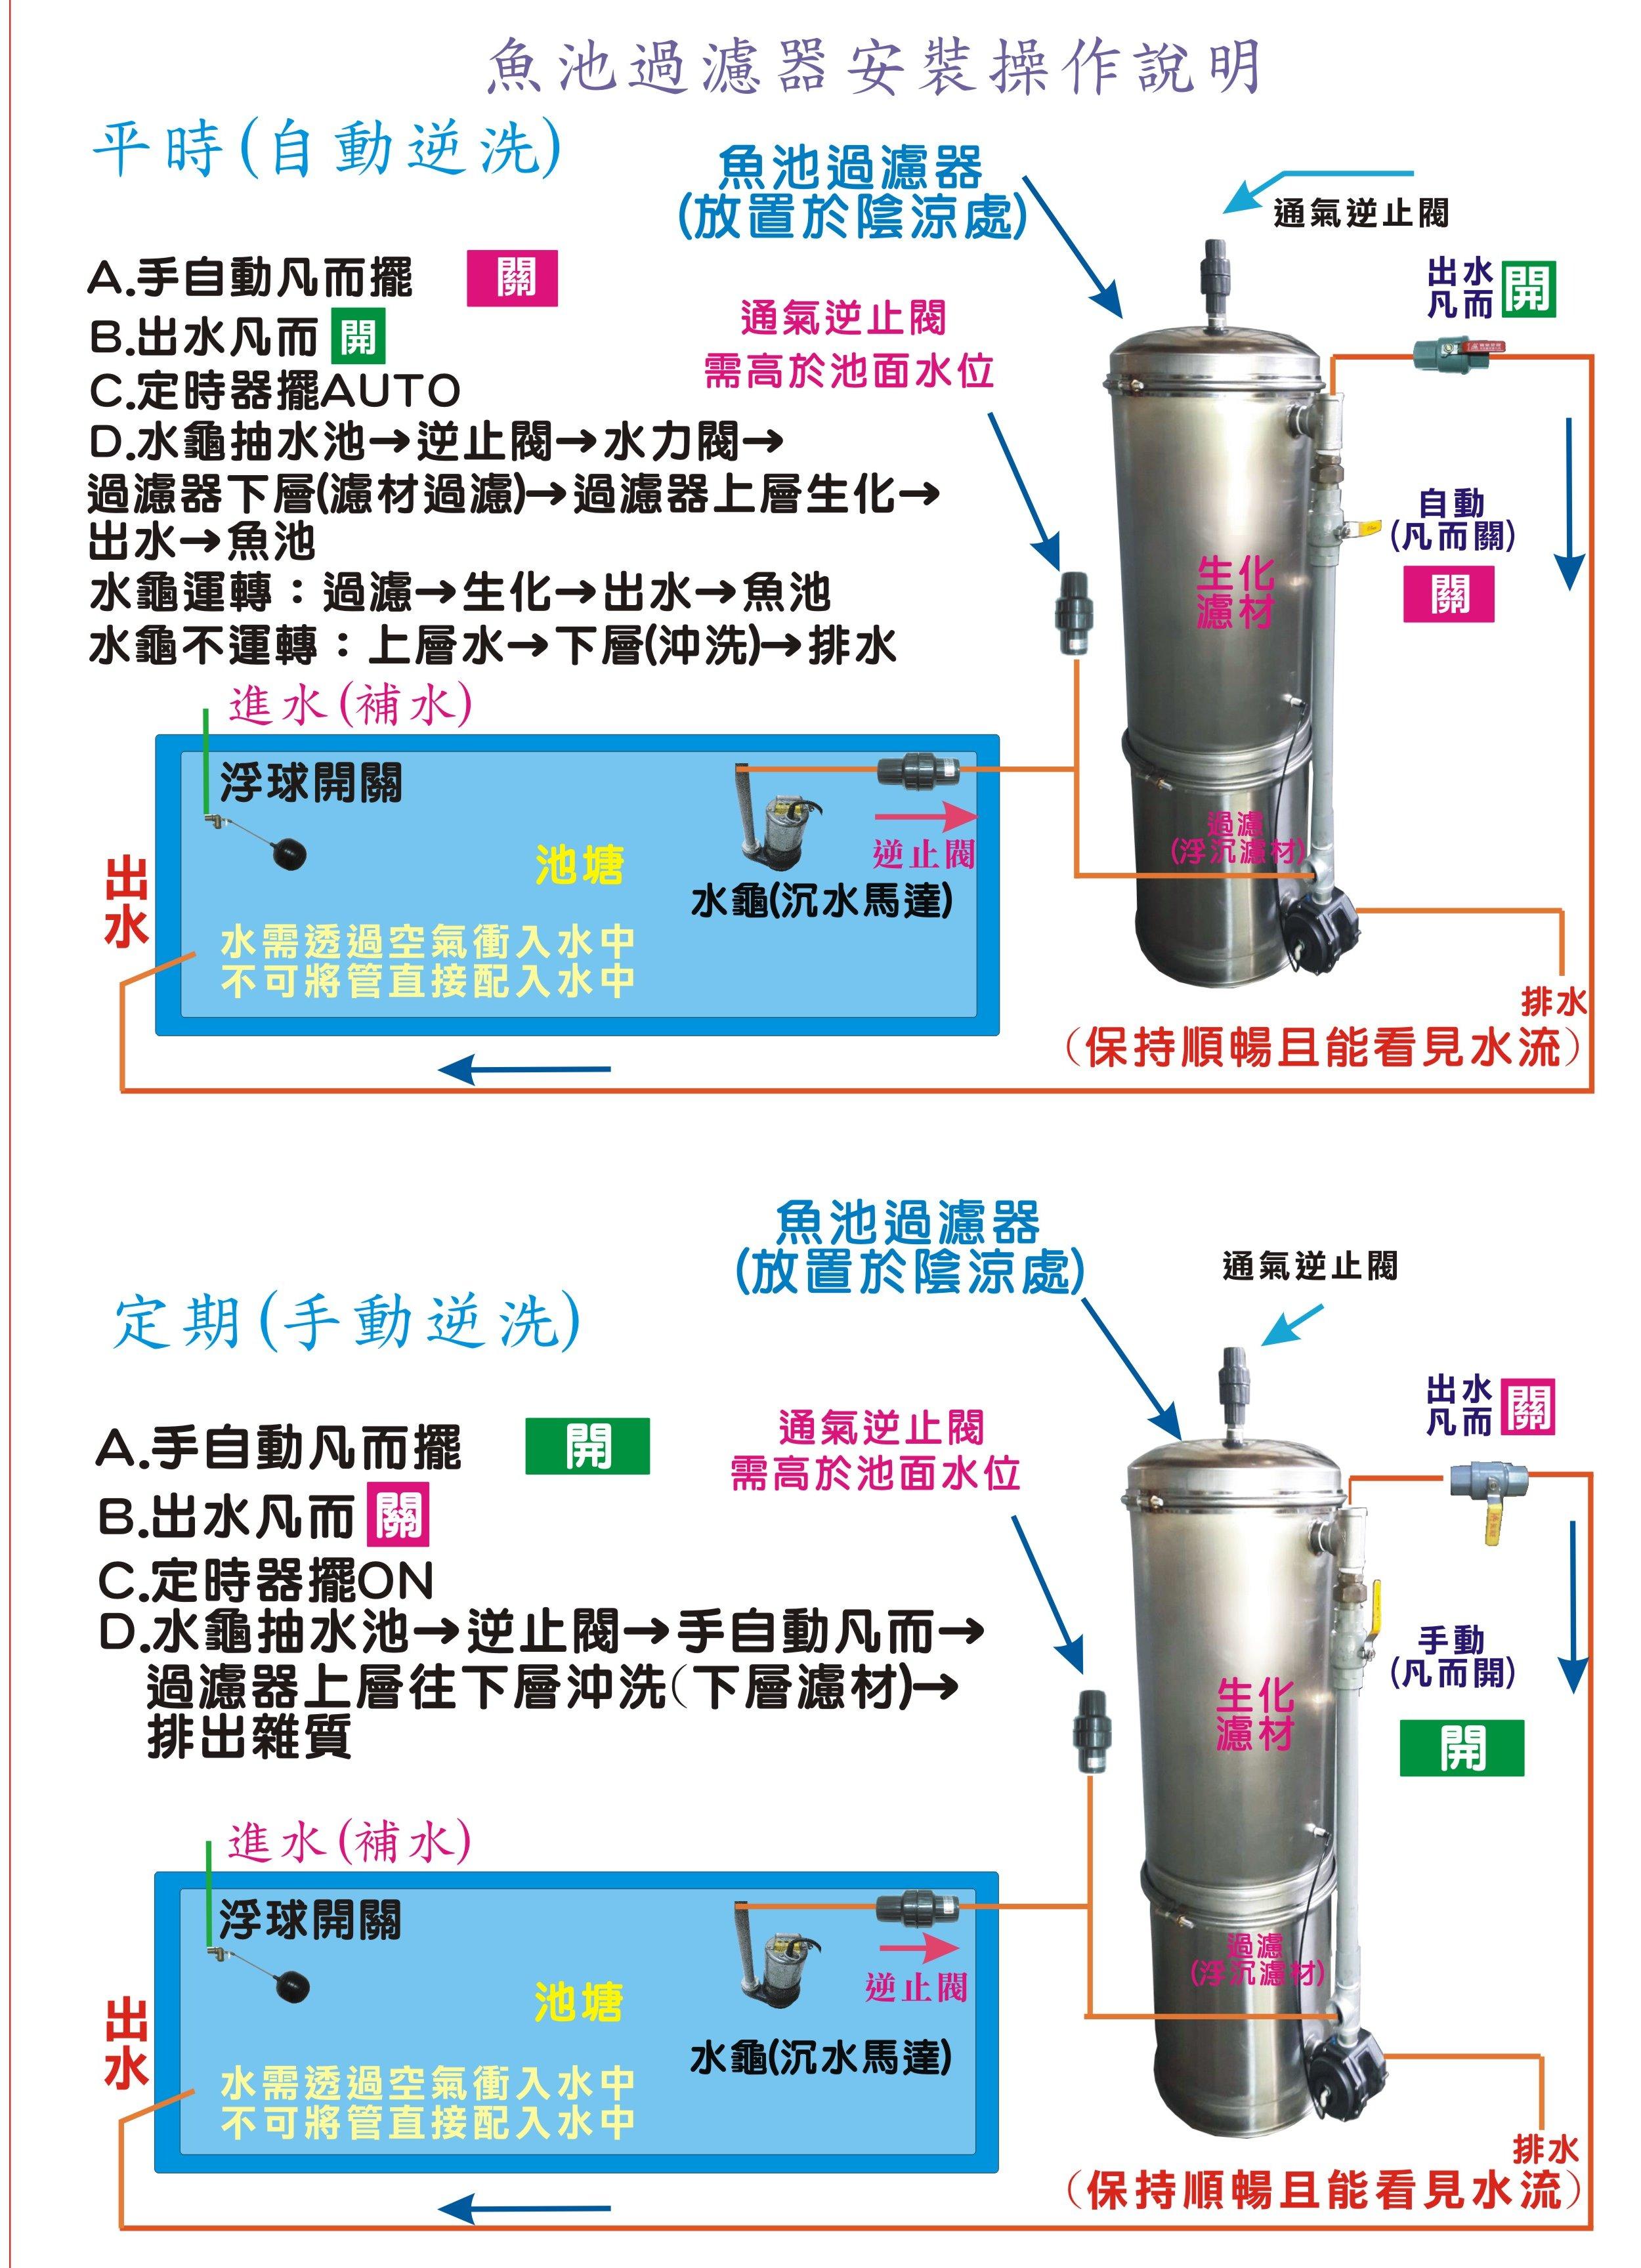 魚池過濾器安裝及操作說明